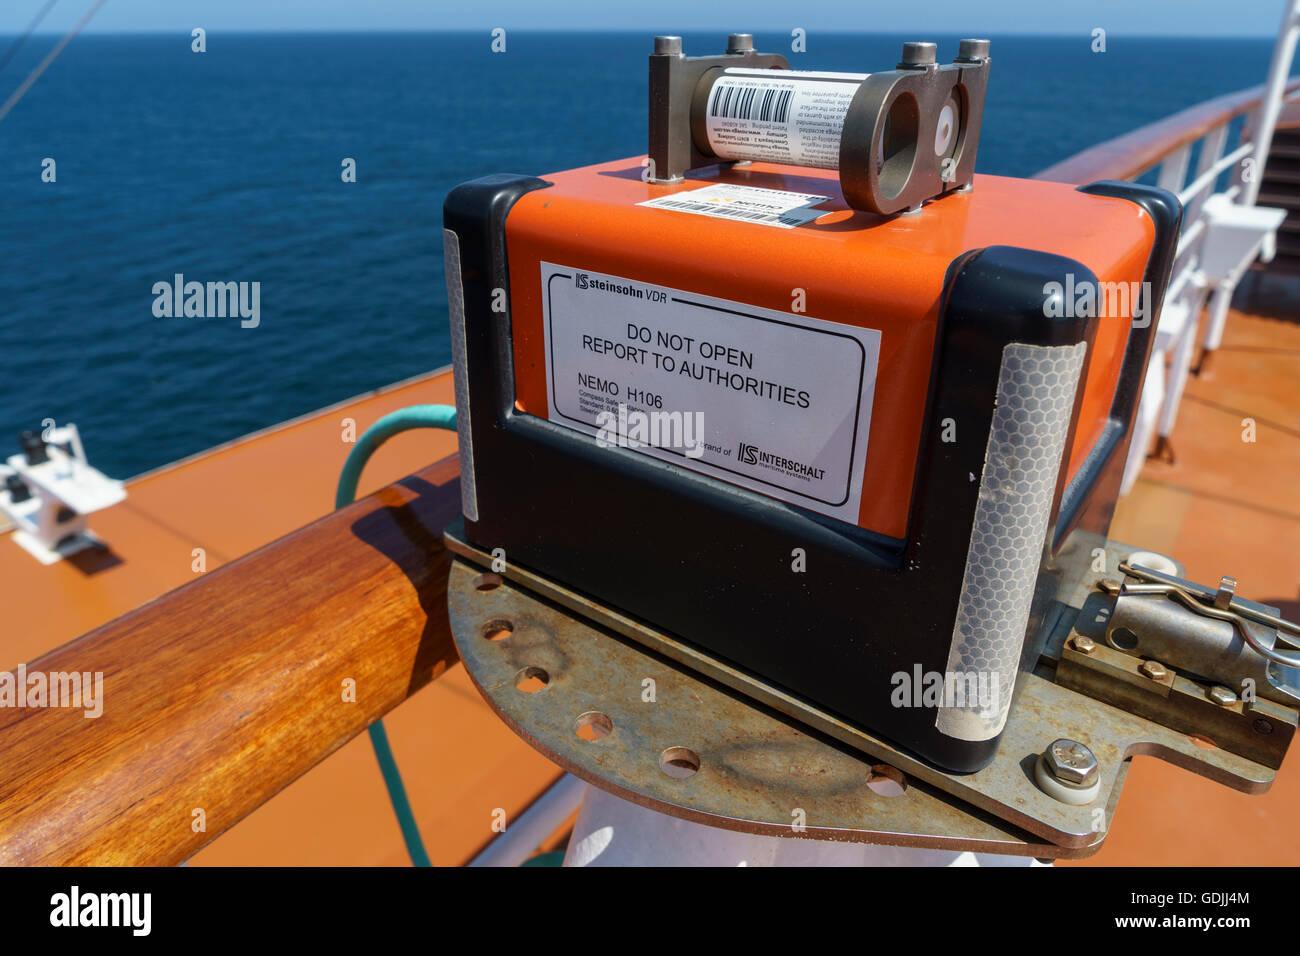 Voyage Data Recorder : Ship s voyage data recorder vdr interschalt nemo h